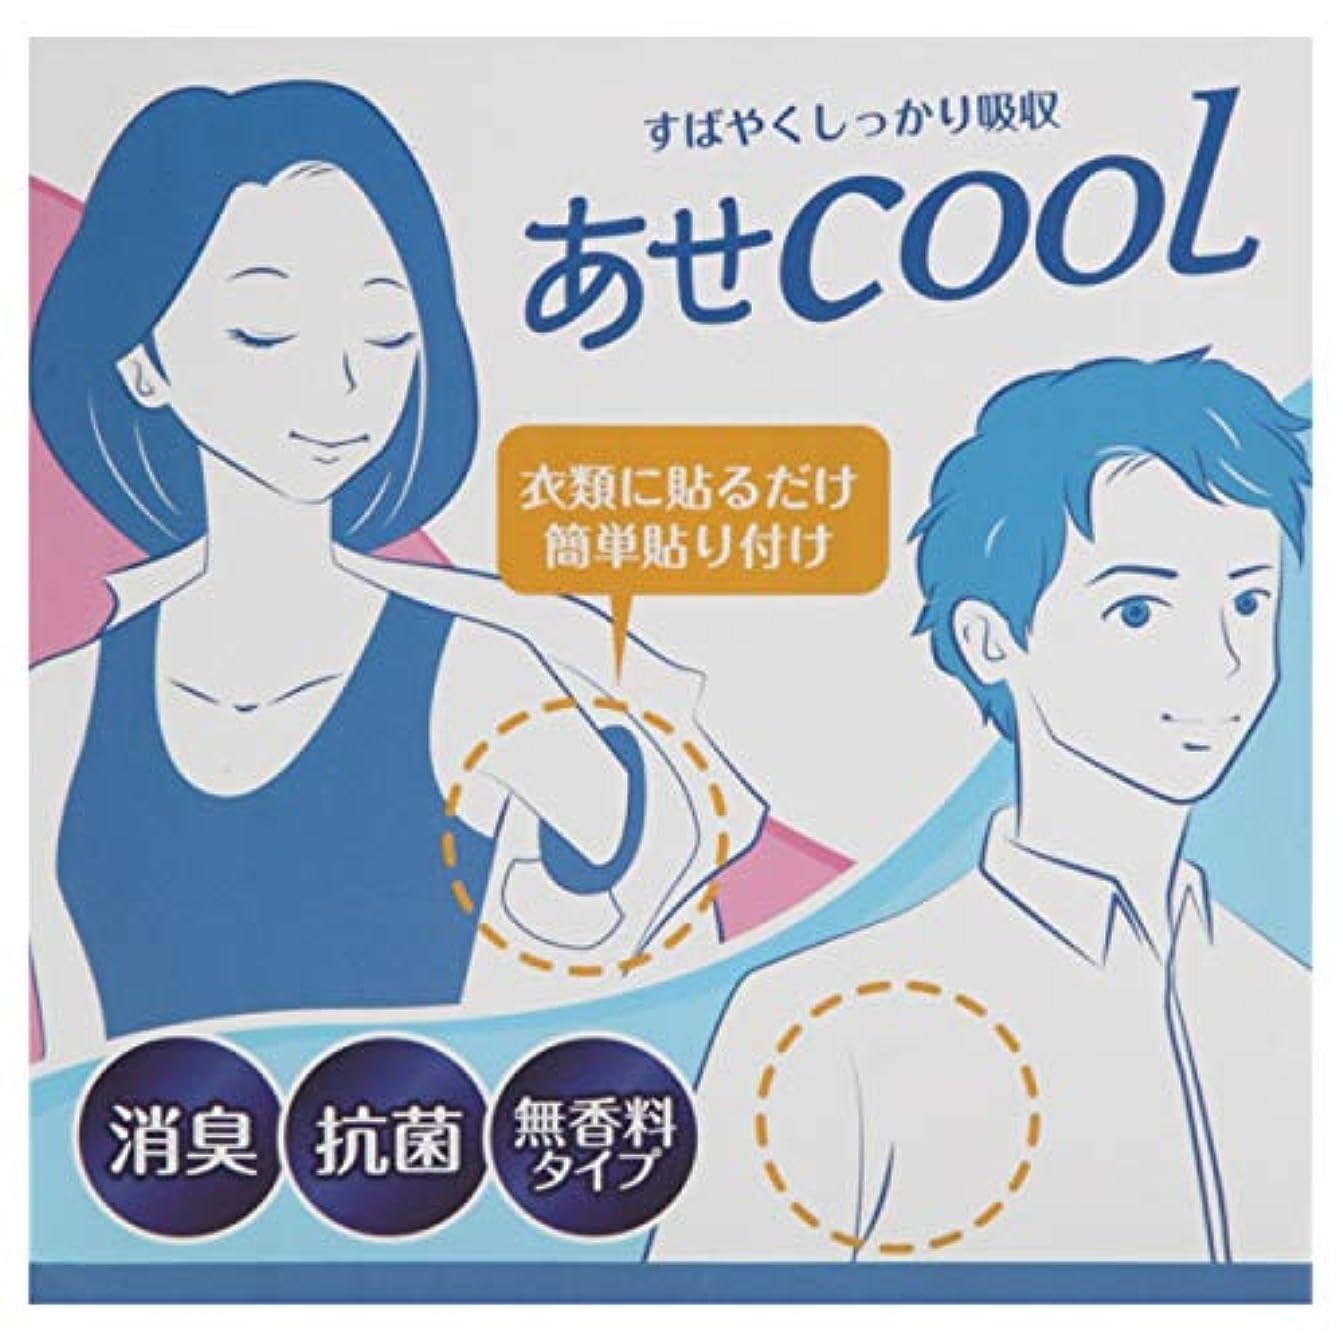 分割相関する注目すべきあせCOOL(あせクール) あせわきパッド 汗取りシート あせジミ防止 防臭シート お徳用100枚セット 白(ホワイト)